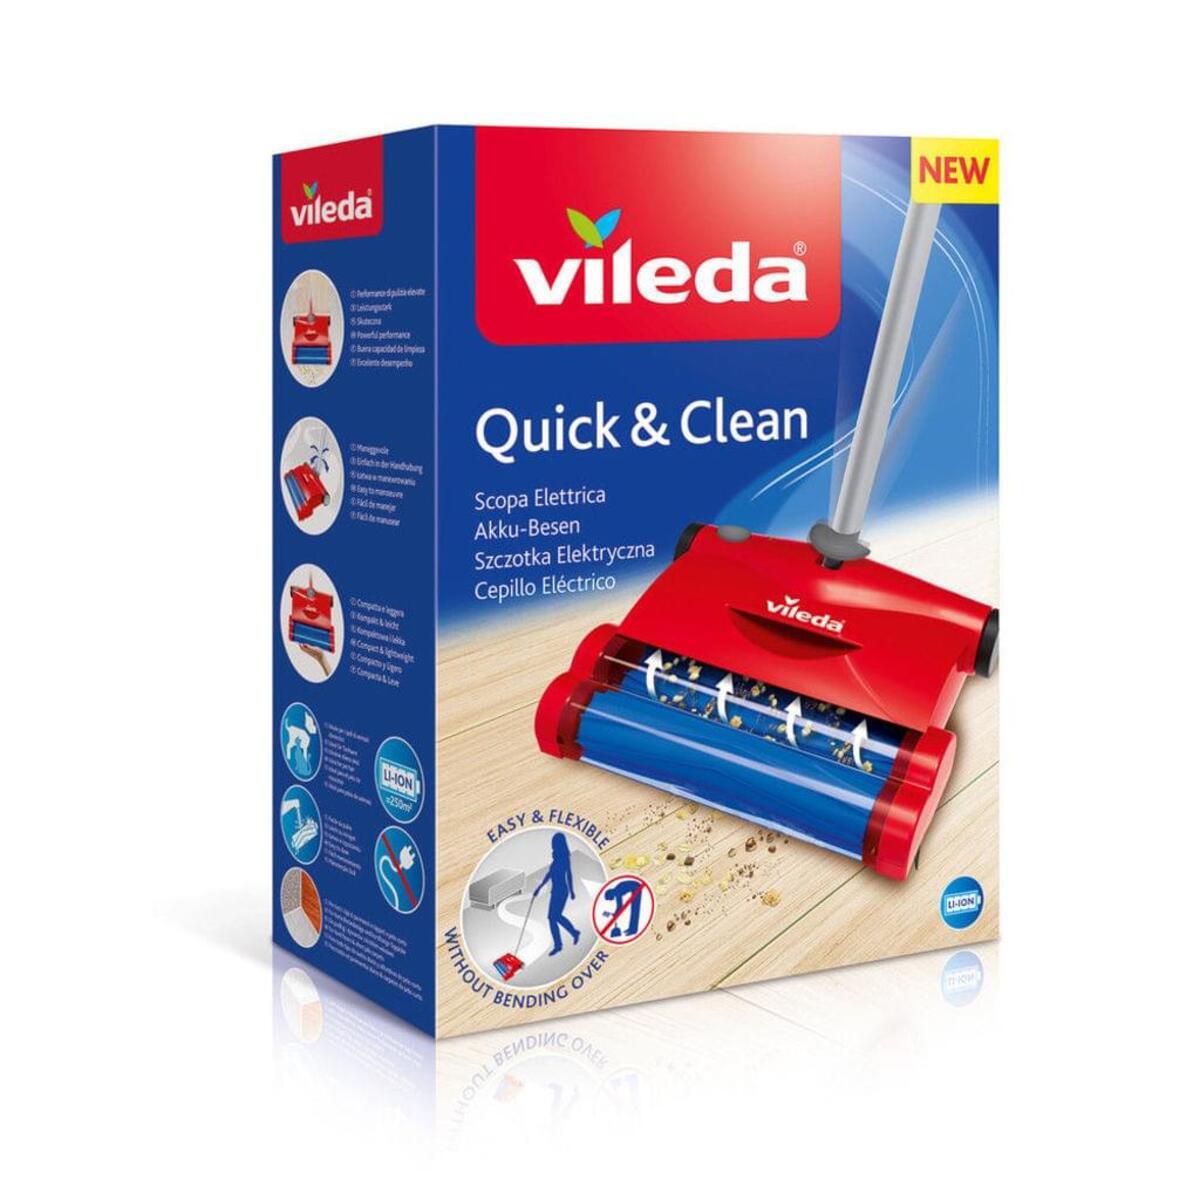 Bild 4 von Vileda Quick & Clean Akkubesen Teppichkehrer Rot Kehrbesen Besen Handstaubsauger